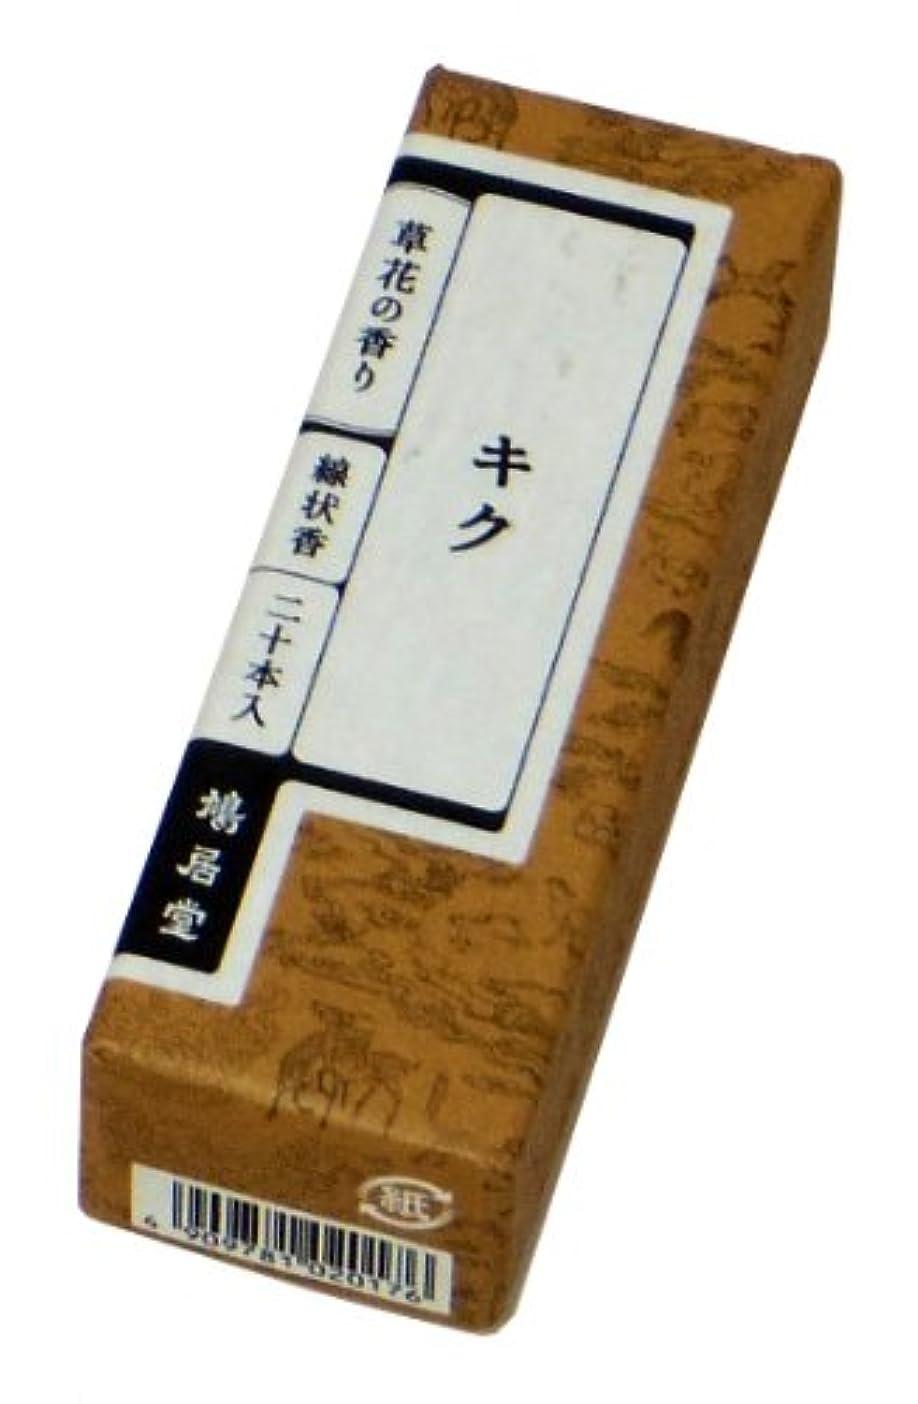 昼間ベギン野望鳩居堂のお香 草花の香り キク 20本入 6cm